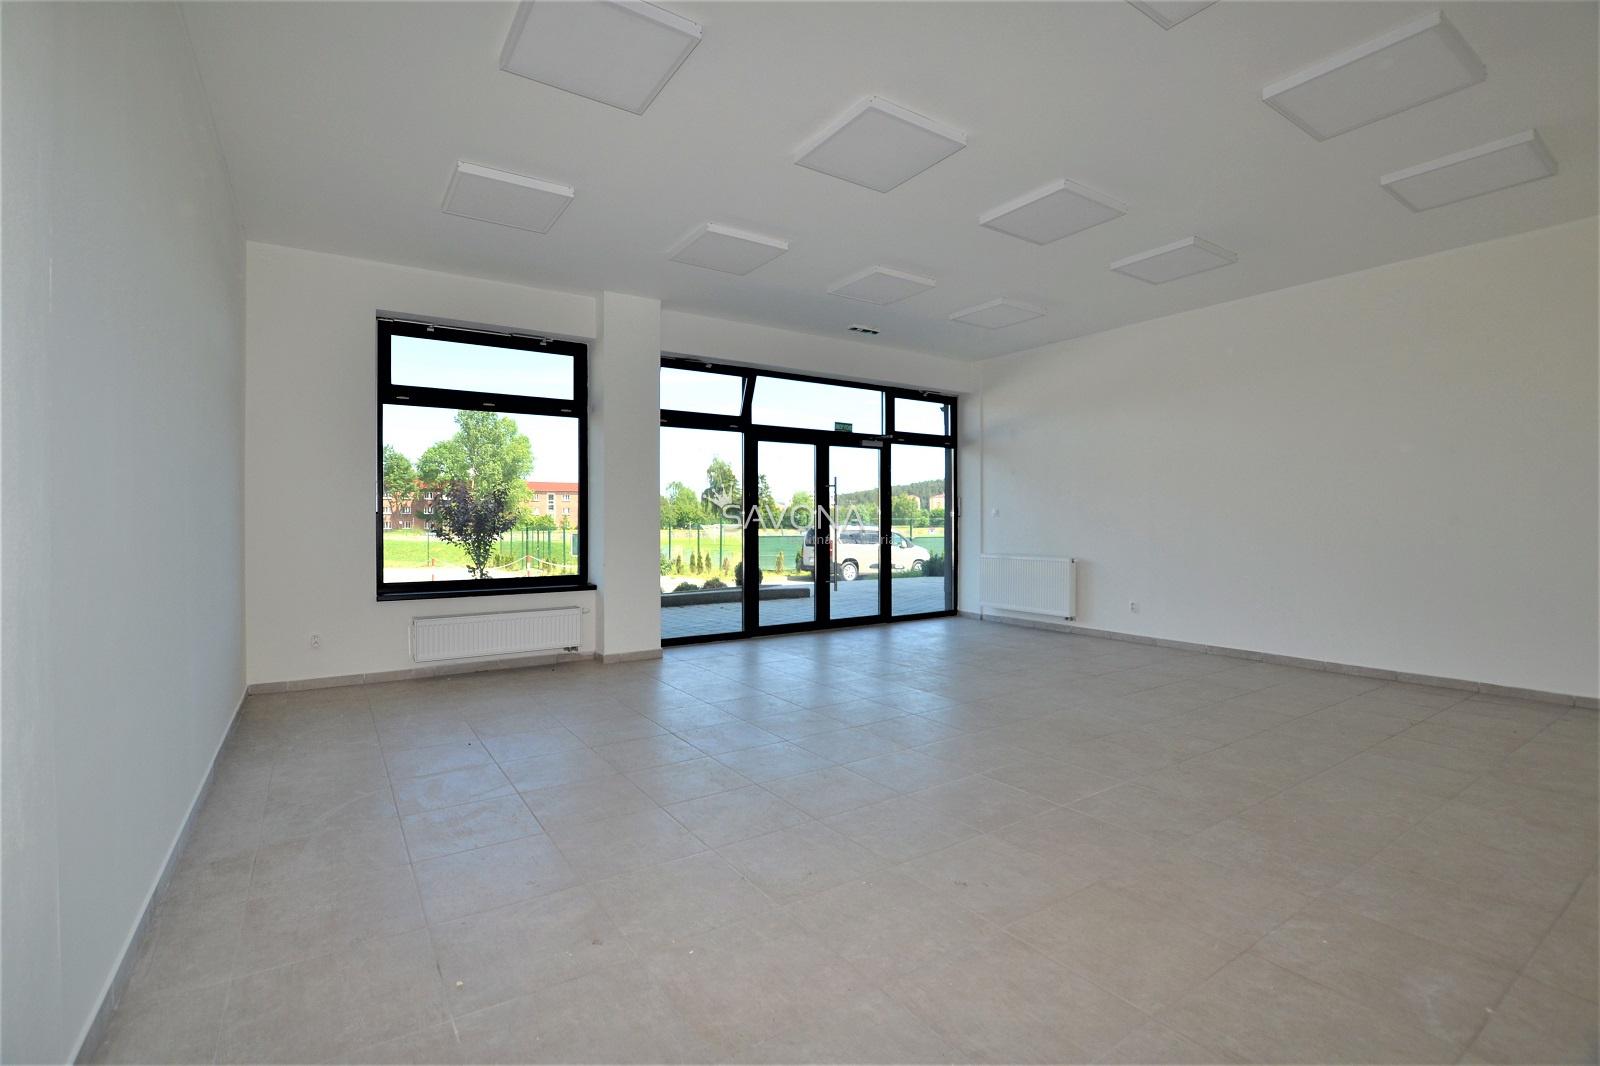 NA PRENÁJOM – PRIESTORY – 53 m2, v novostavbe polyfunkčného domu – SVIT